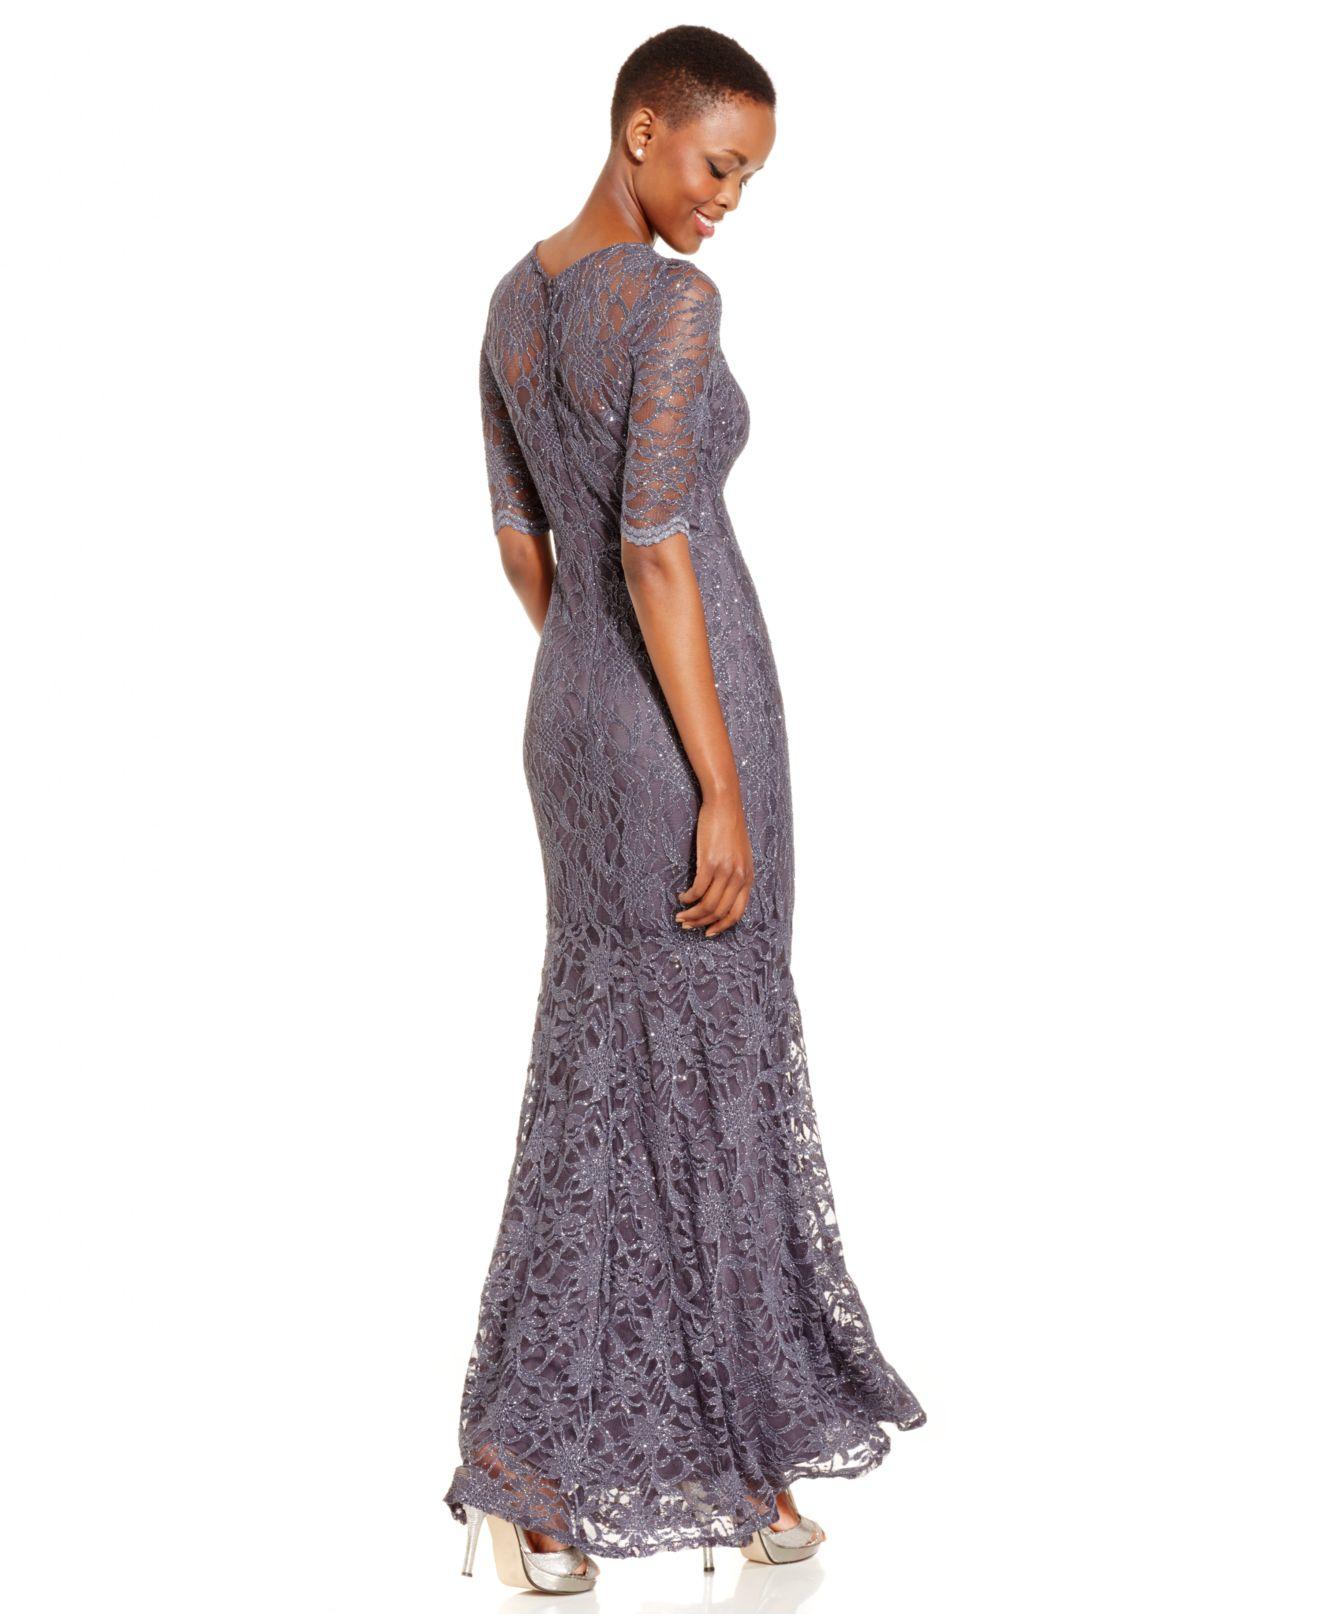 Xscape Petite Glitter Lace Mermaid Gown in Metallic | Lyst